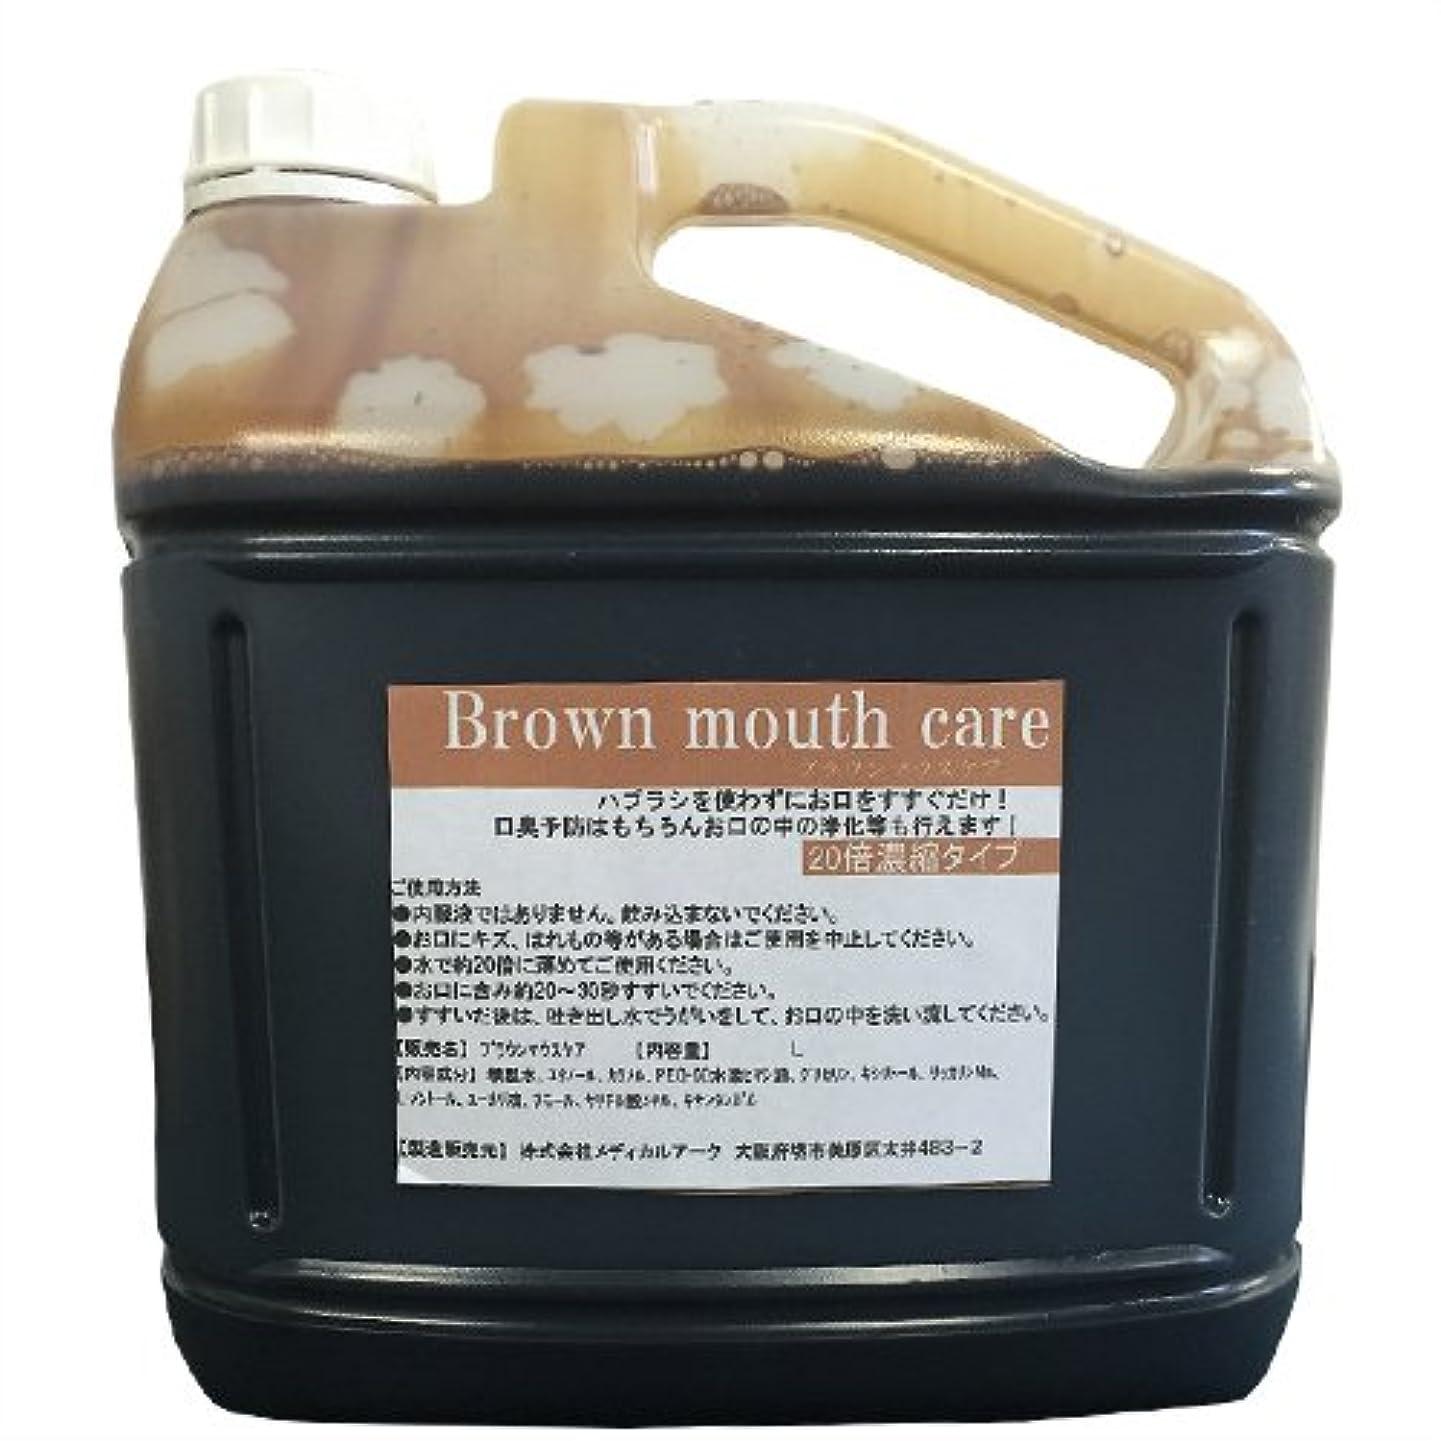 あなたが良くなりますインレイ王朝業務用洗口液 ガーグル ブラウンマウスケア (Brown mouth care) 20倍濃縮タイプ 5L (詰め替えコック付き)